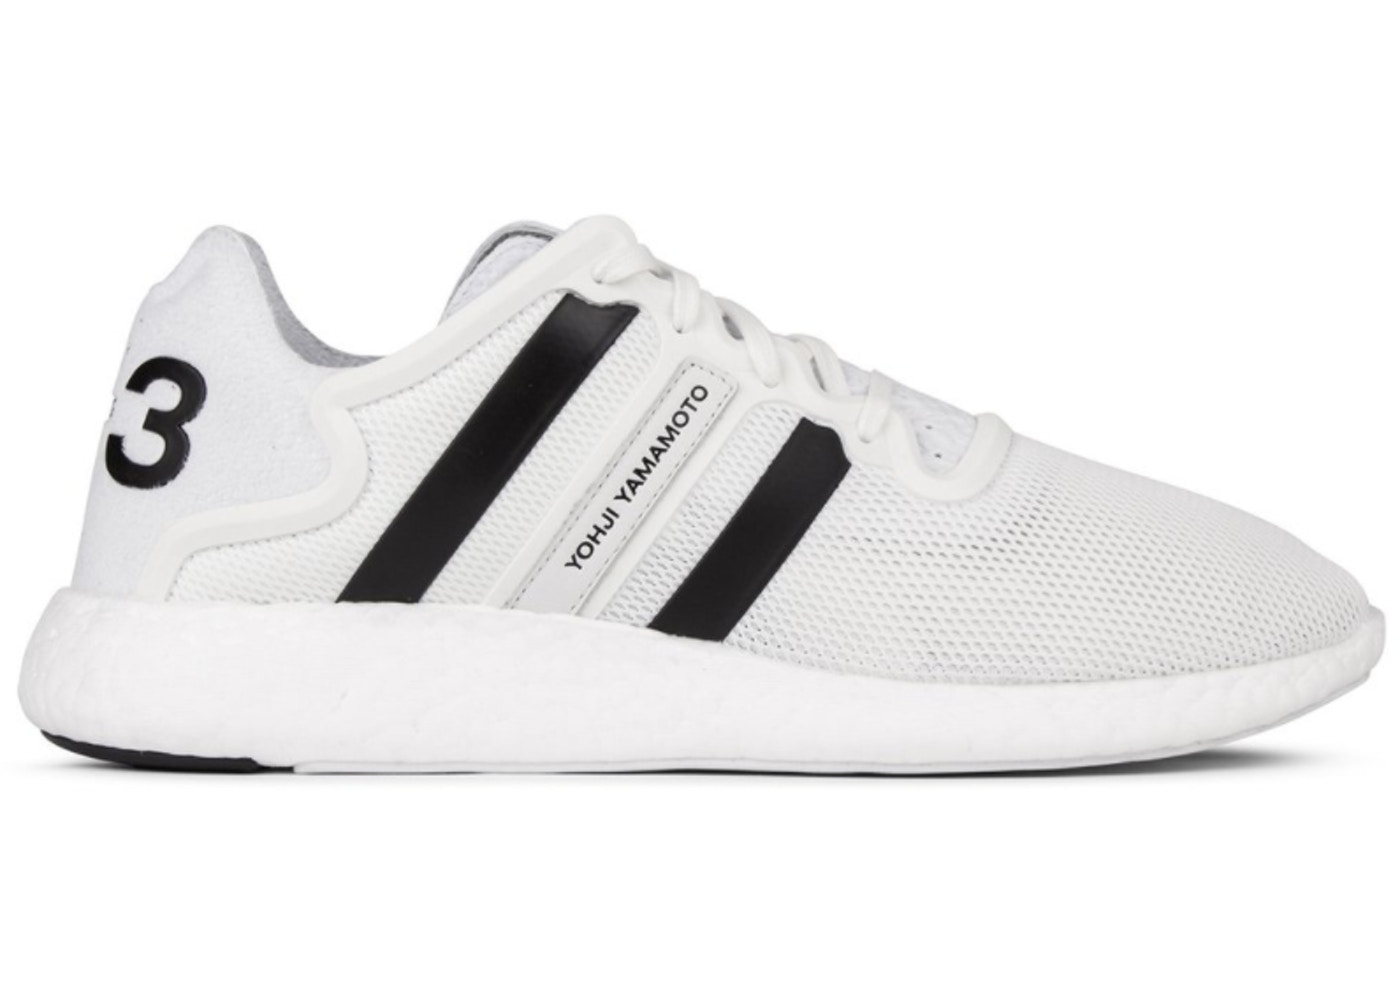 5d98e34049d7b Y3 Run Boost White Black - S82117